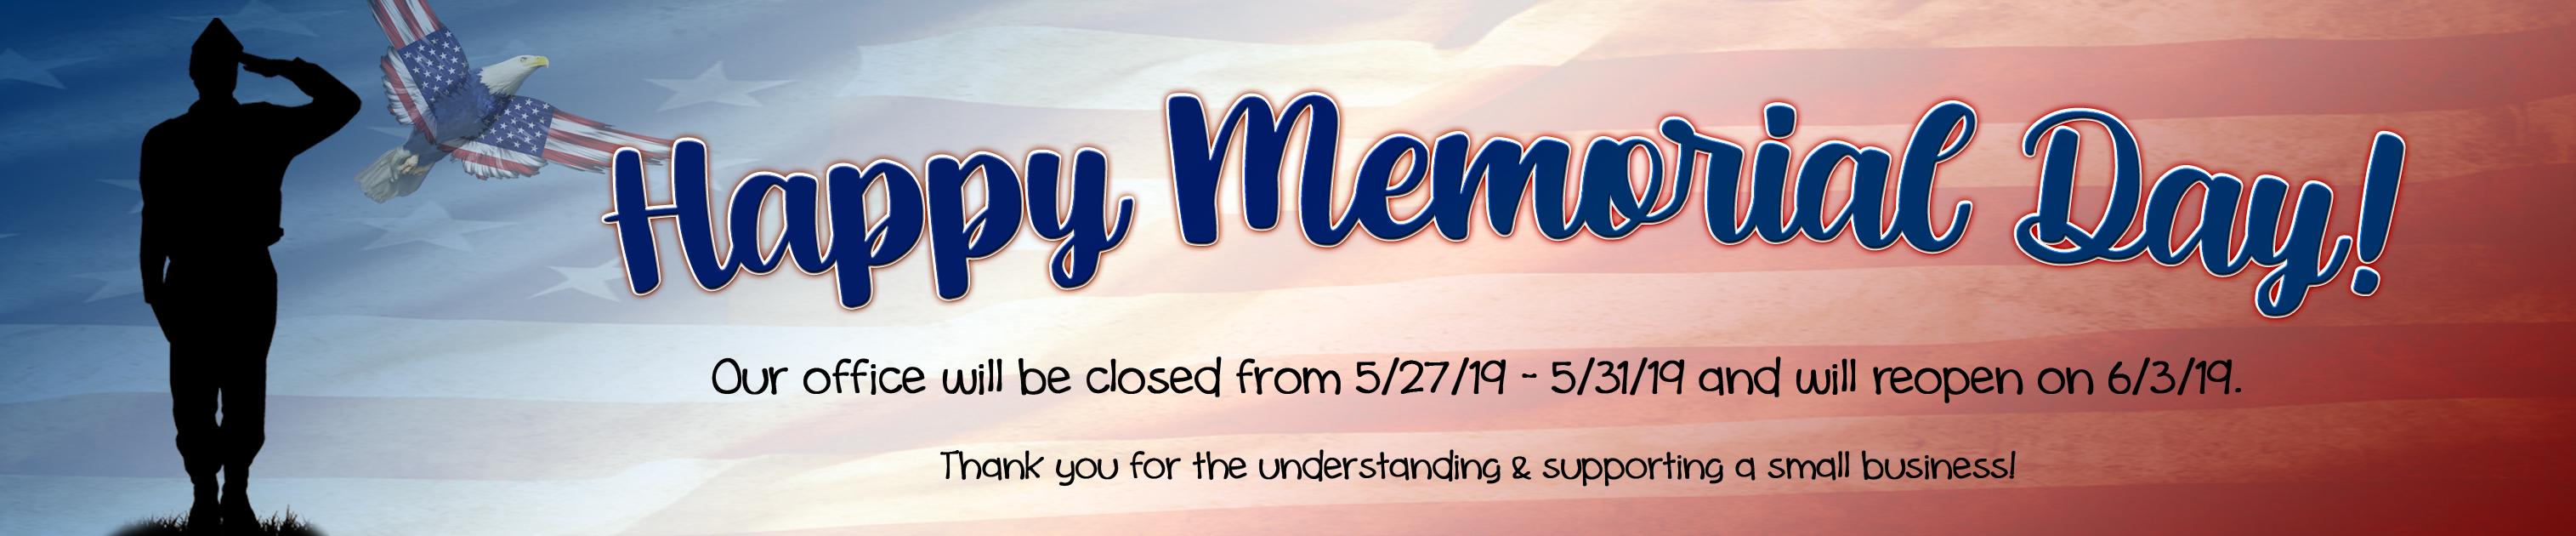 memorial-day-cover-.jpg